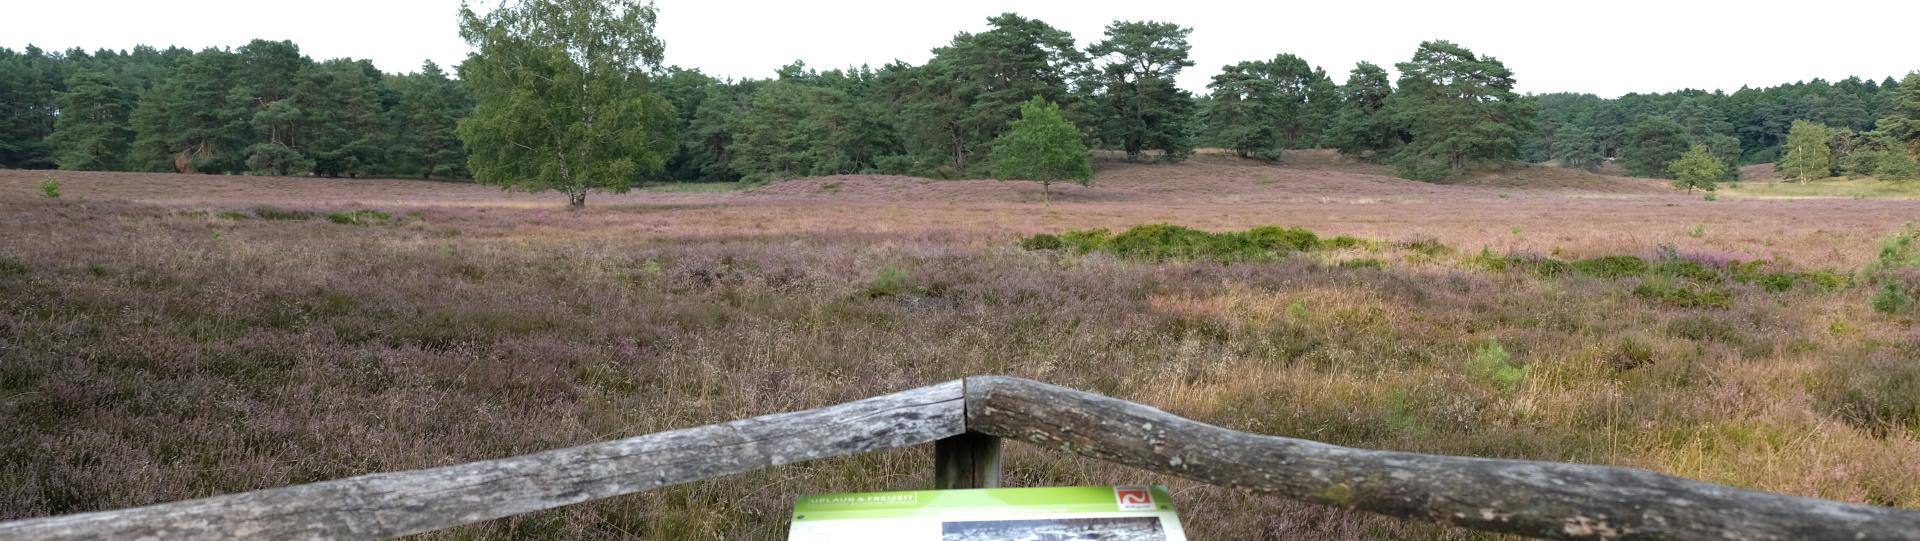 Folgeseite Naturschutzgebiet Wolfsgrund - Gemeinde Ahausen